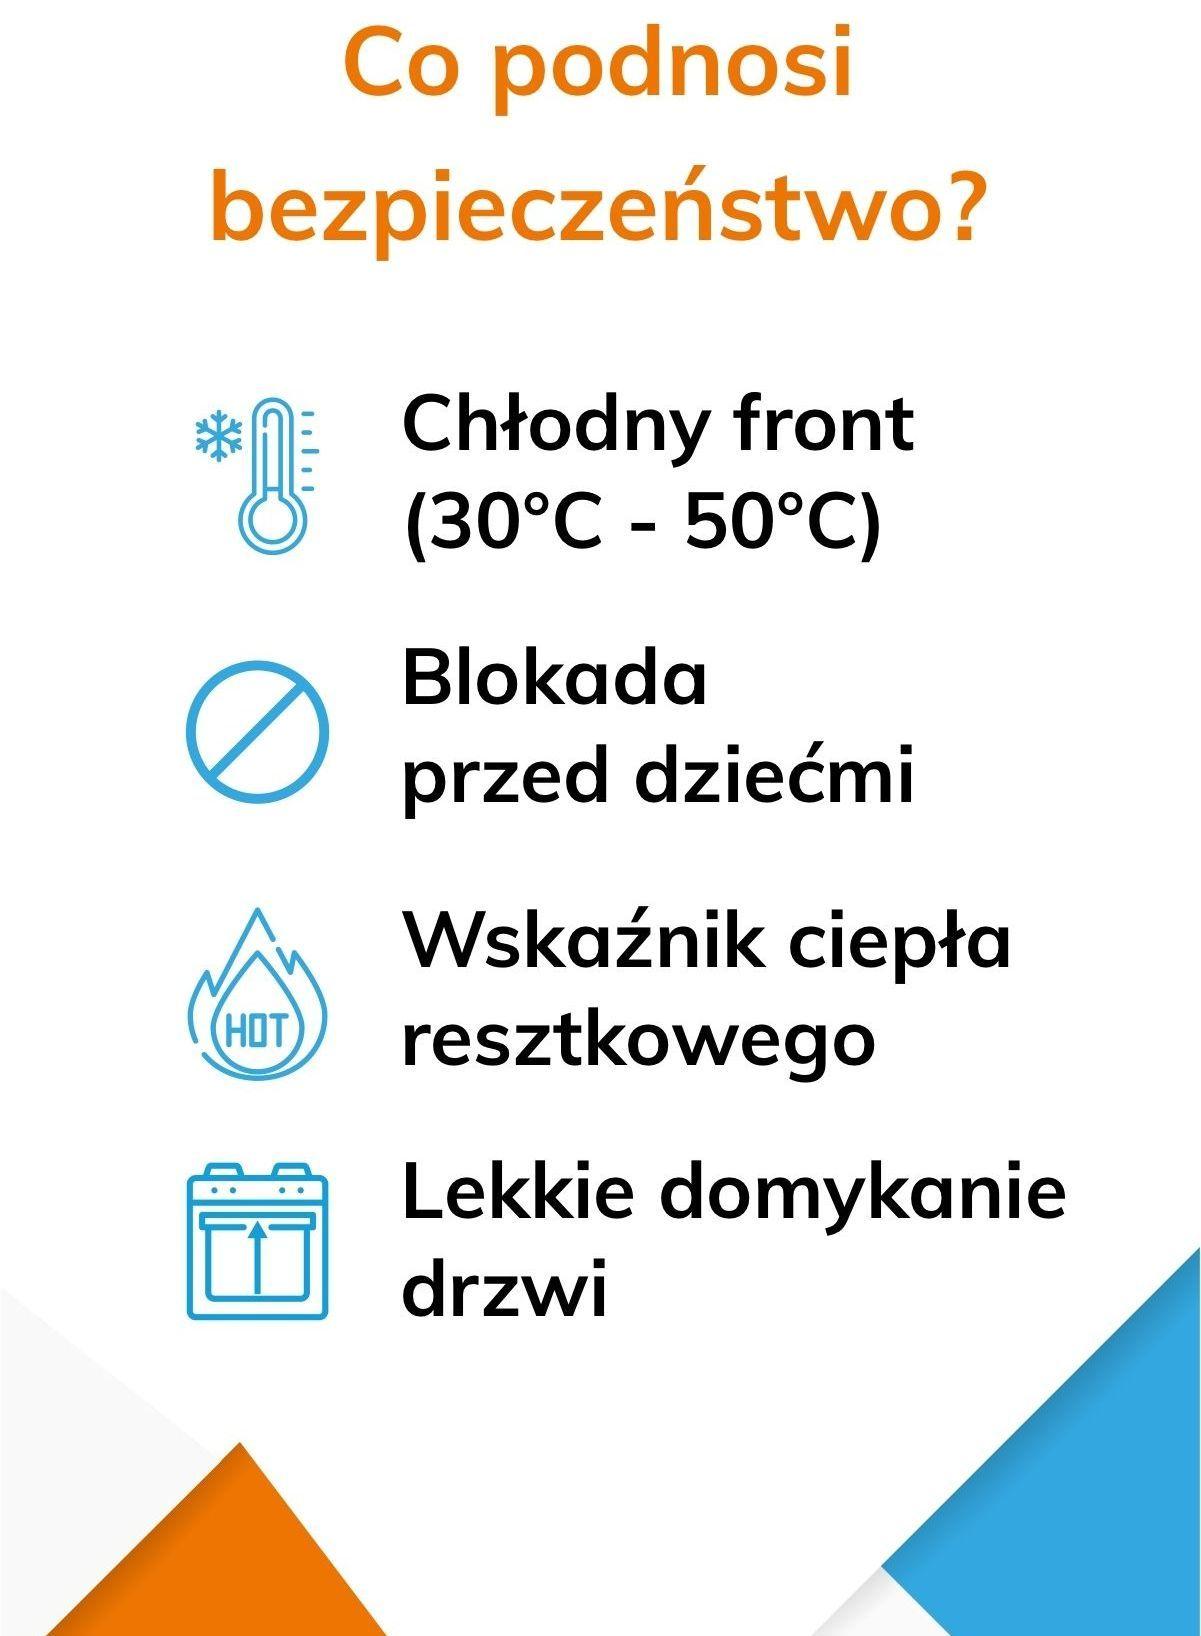 Funkcje poprawiające bezpieczeństwo użytkowania piekarnika - infografika